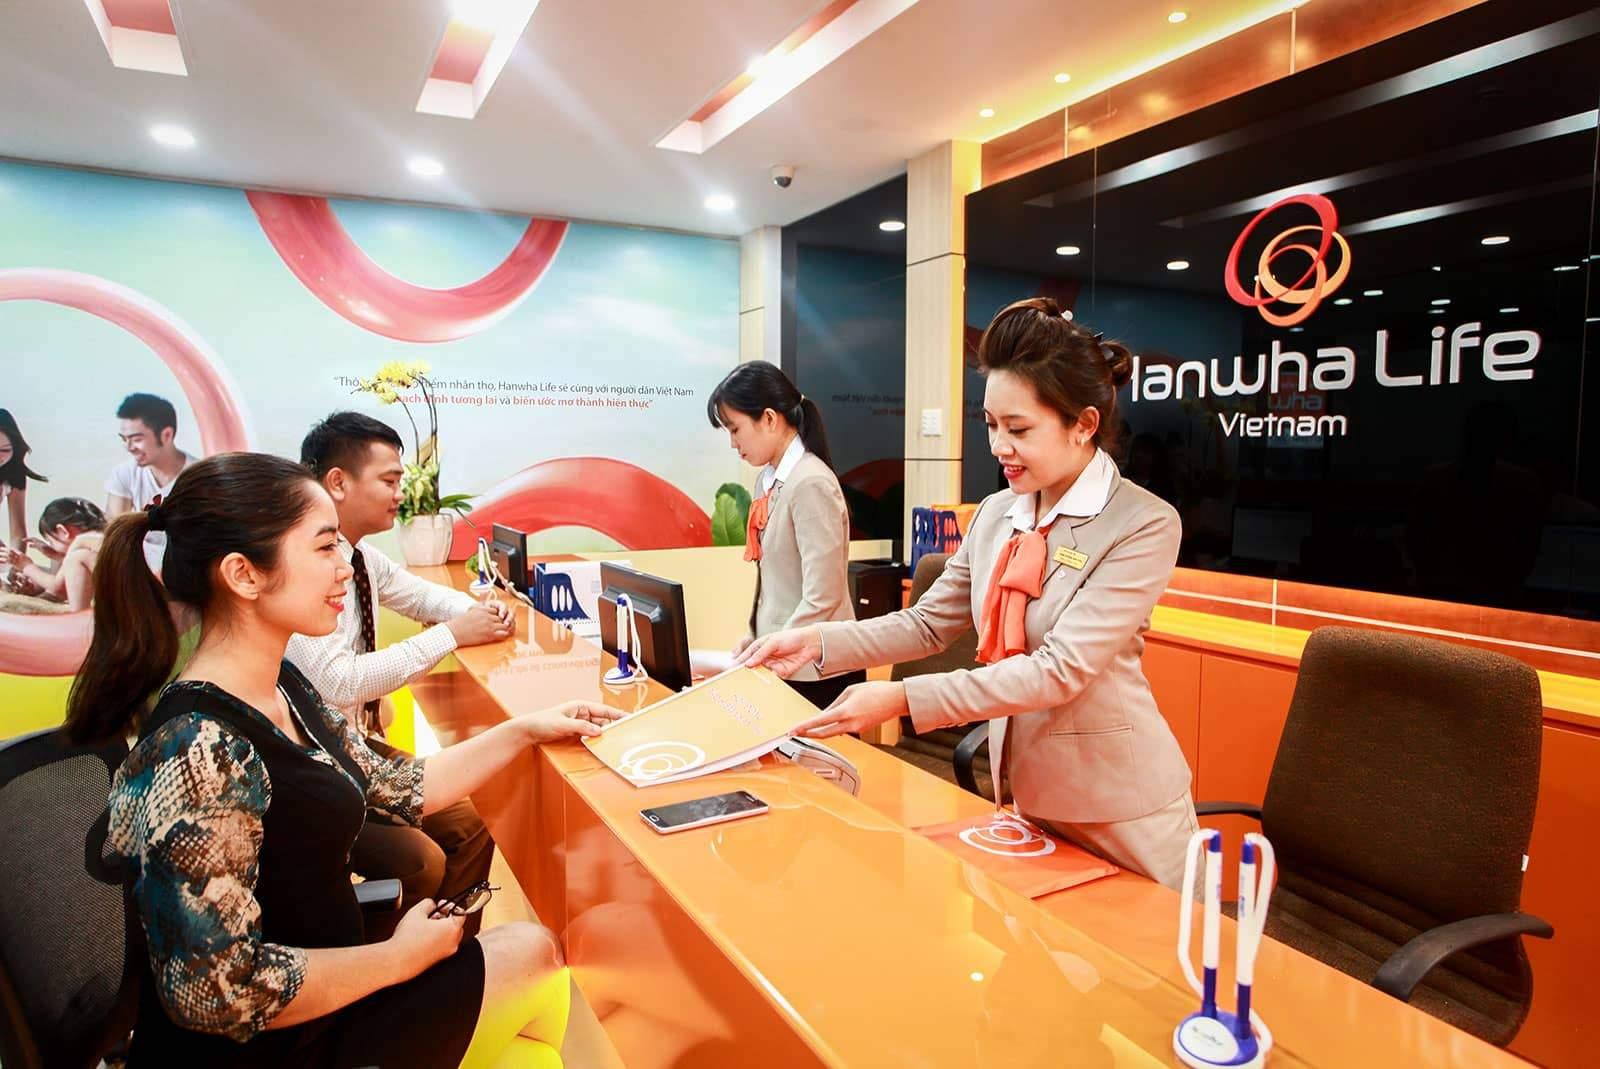 Lựa chọn tư vấn viên ở Quảng Trị để được tư vấn